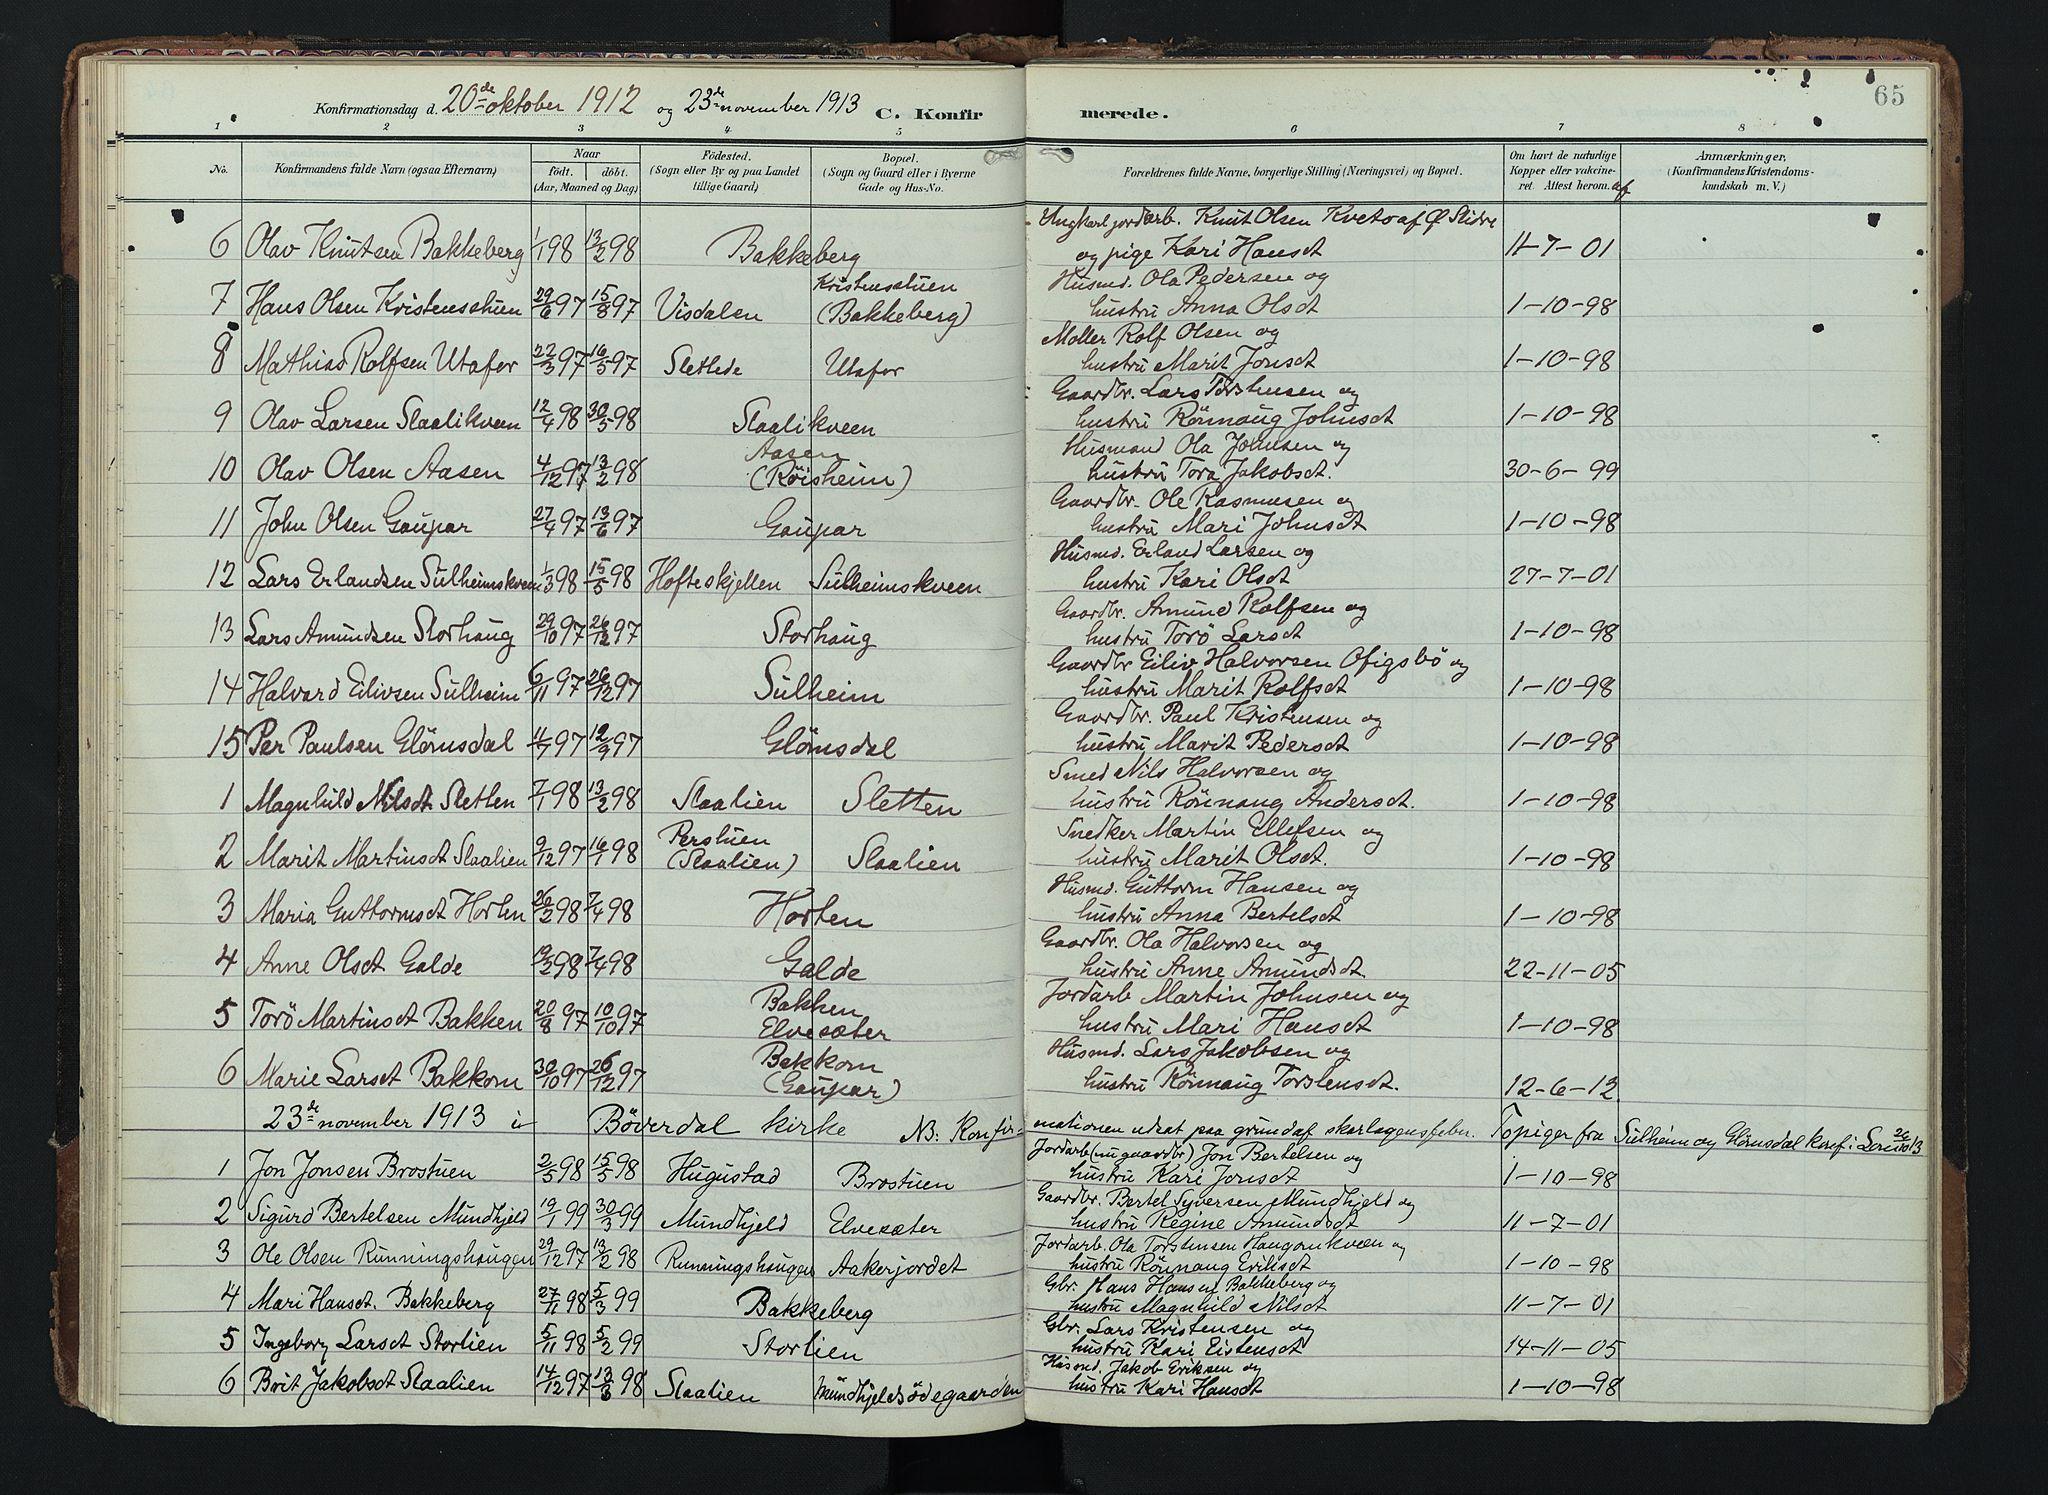 SAH, Lom prestekontor, K/L0012: Ministerialbok nr. 12, 1904-1928, s. 65